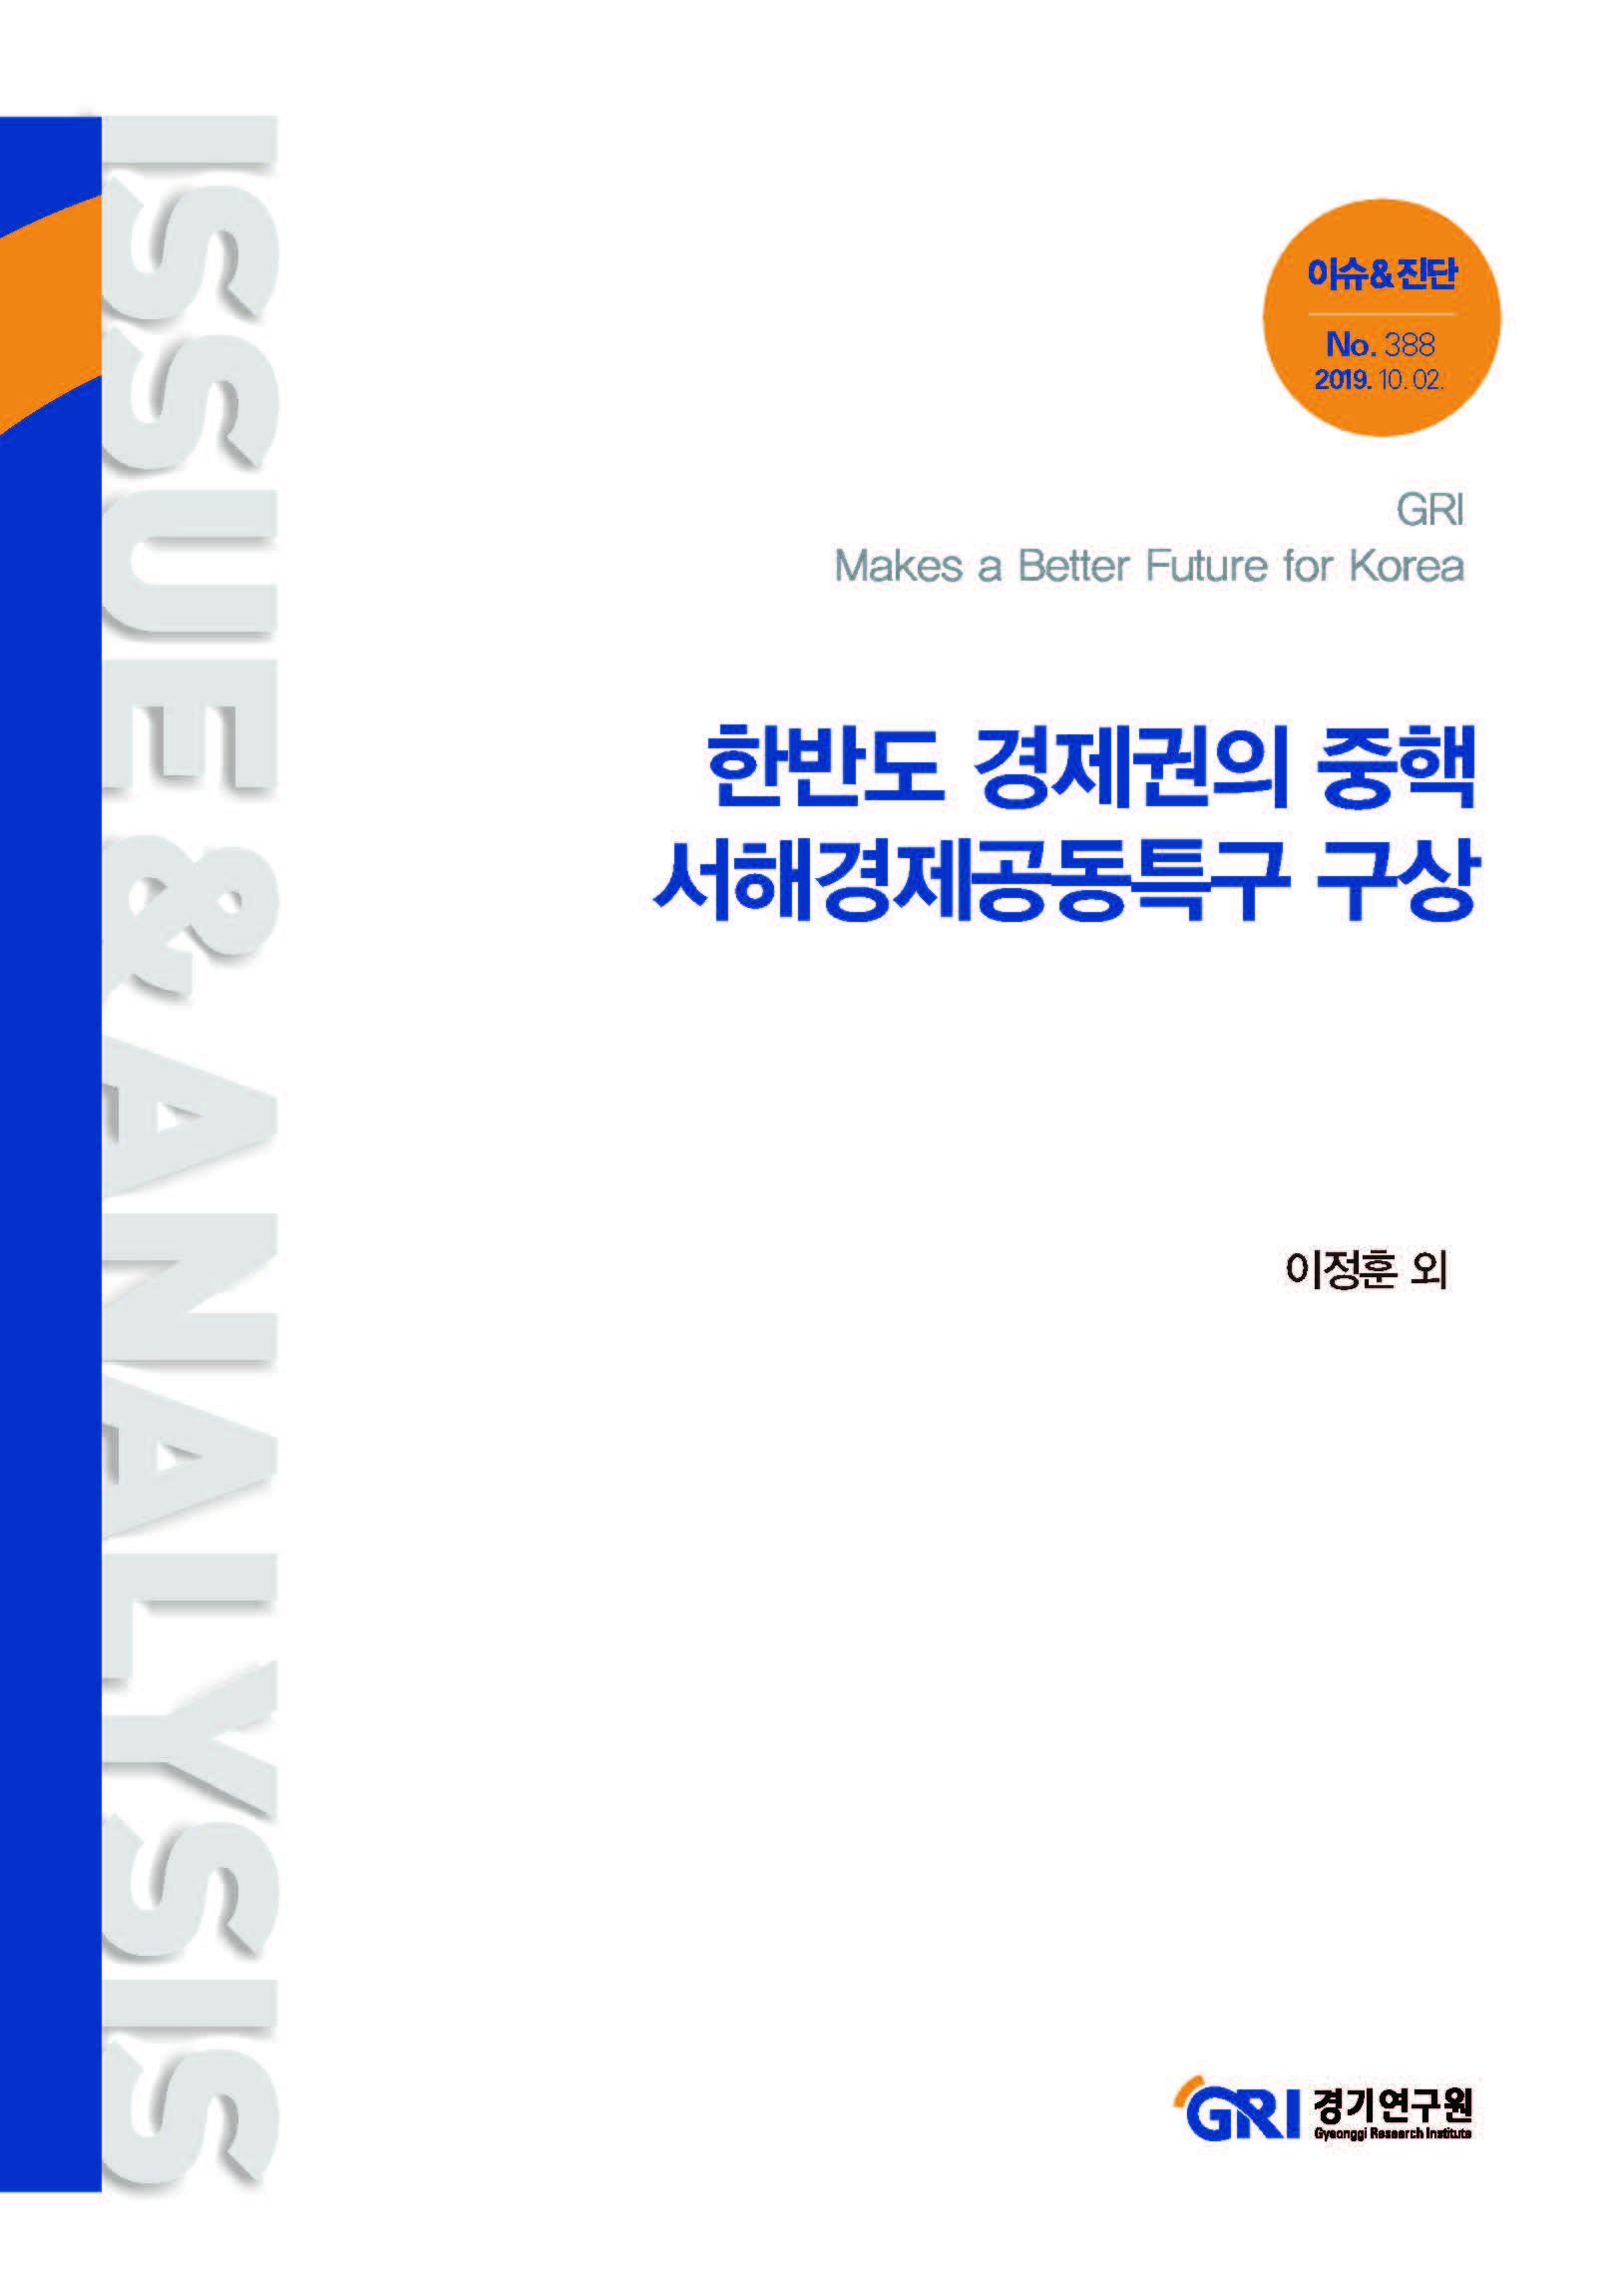 한반도 경제권의 중핵 서해경제공동특구 구상